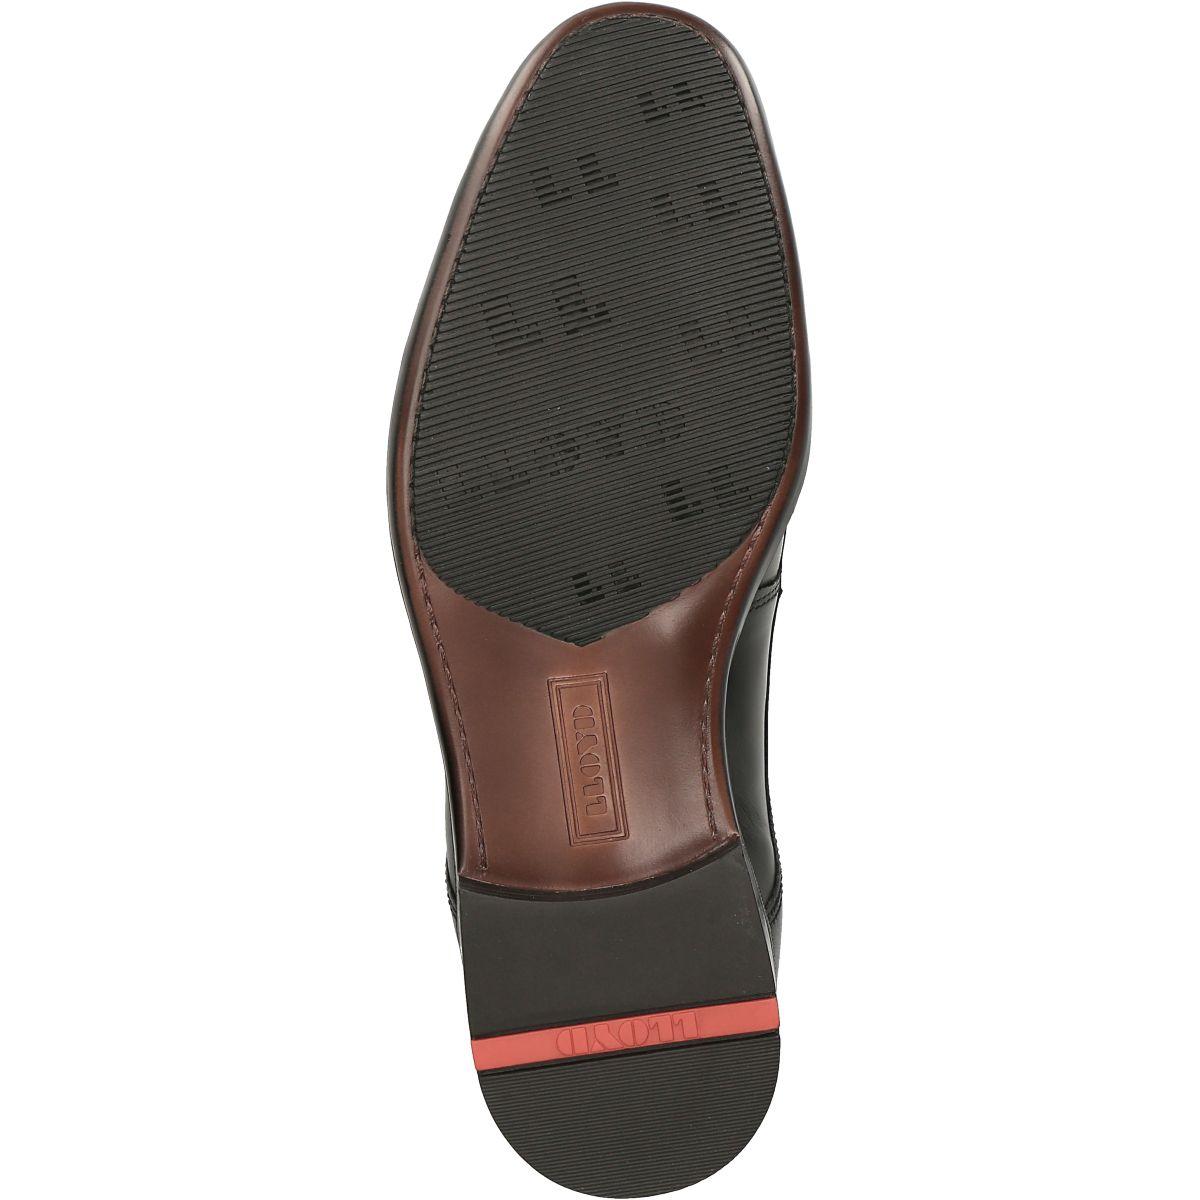 Shop für neueste wie man bestellt klassischer Chic LLOYD 13-055-00 GARVIN Men's shoes Lace-ups buy shoes at our ...